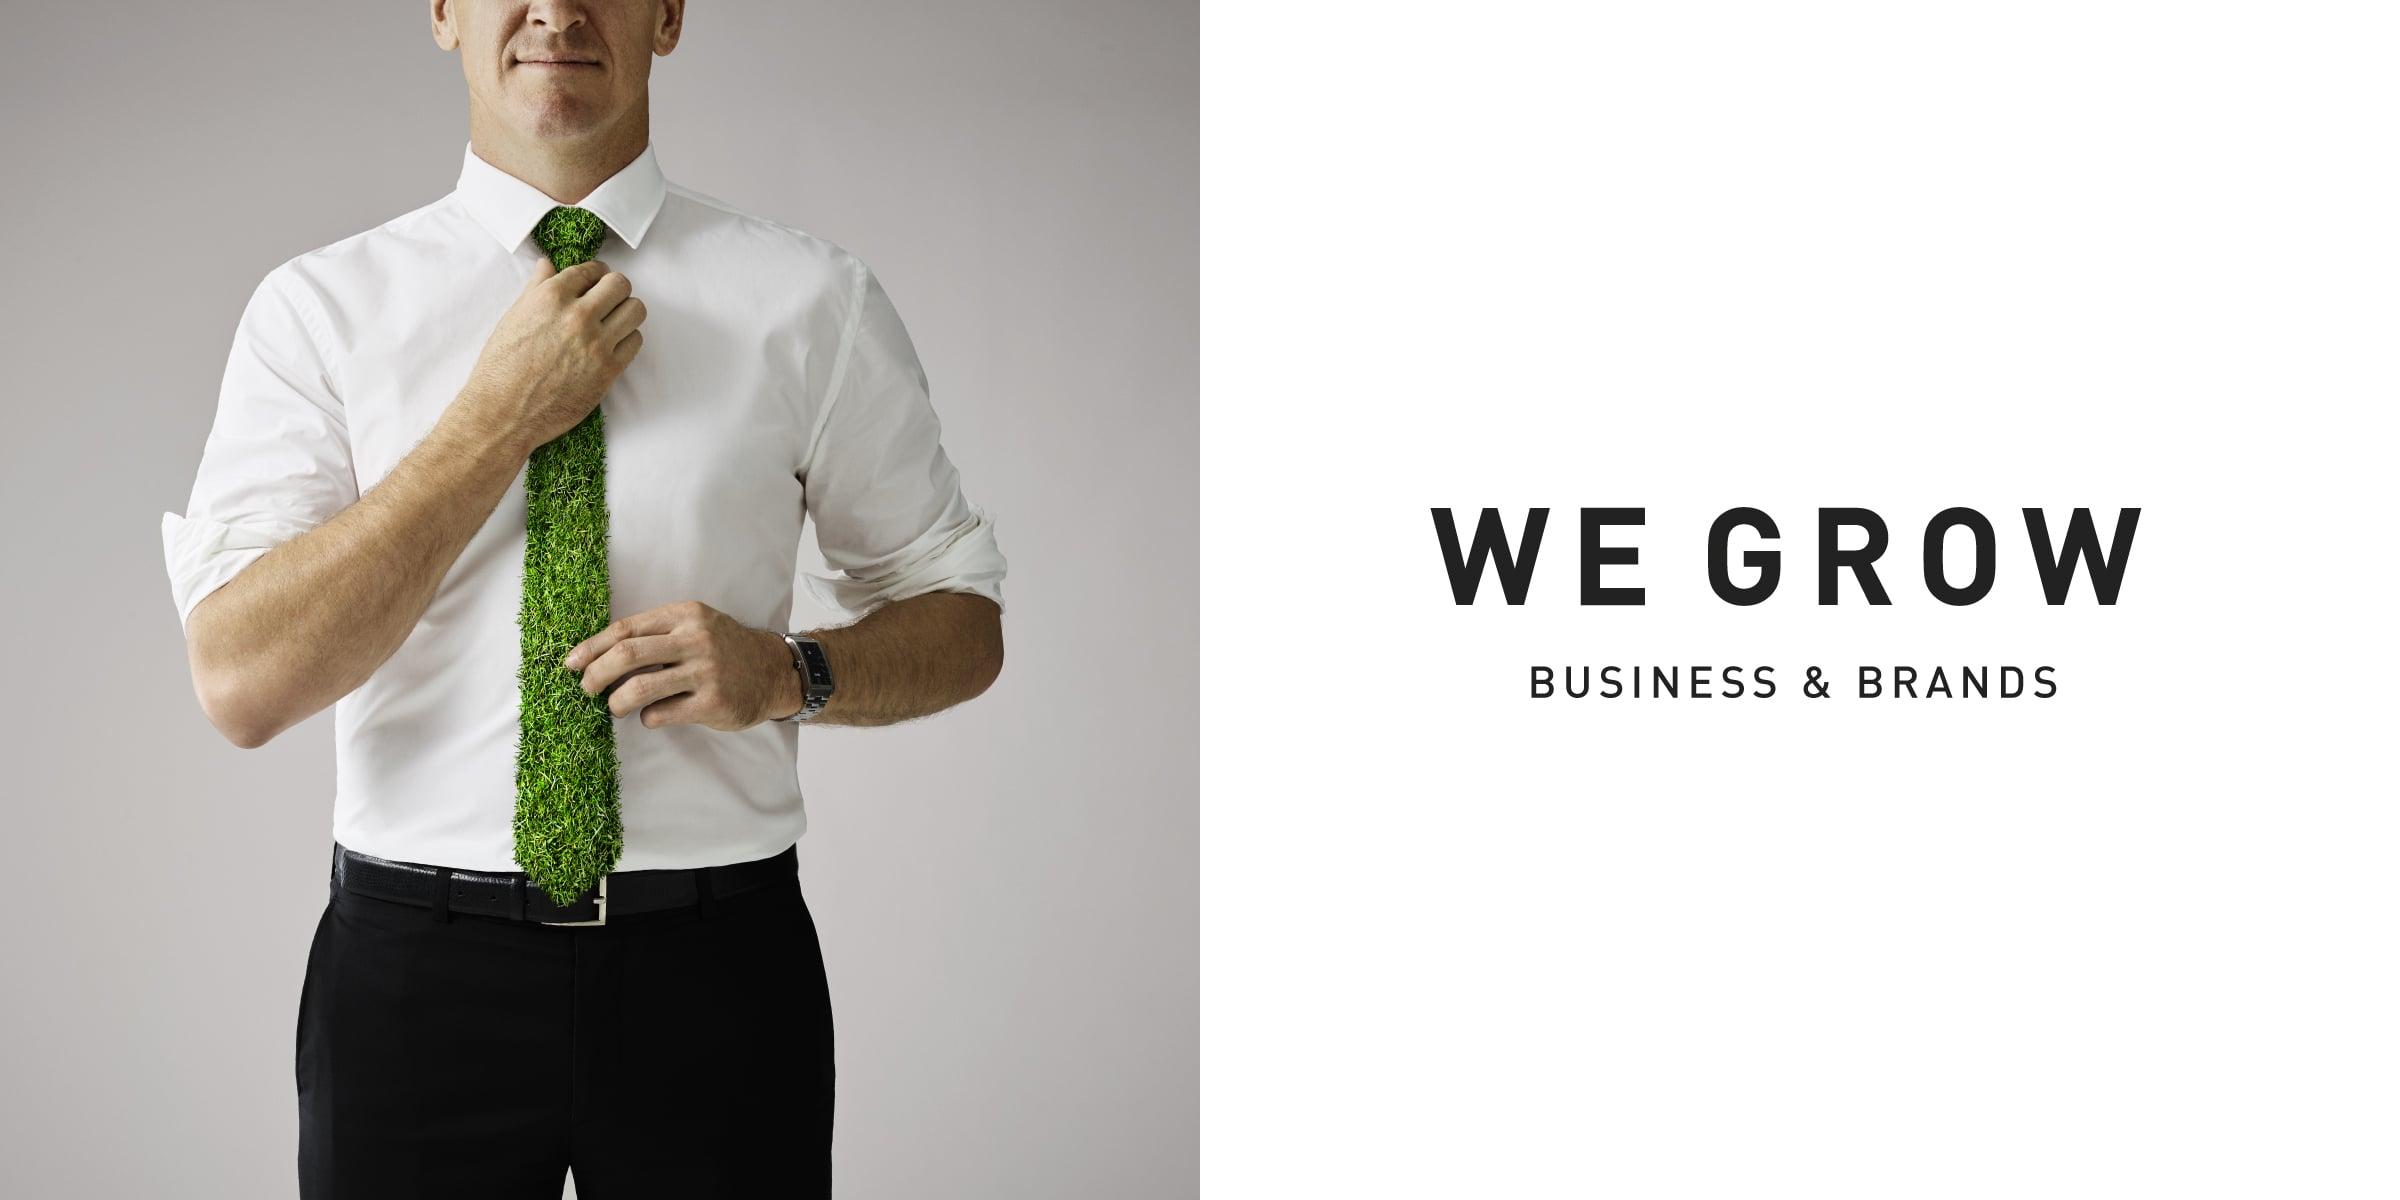 Davidson Branding We Grow Business & Brands Corporate Enterprise Grass Tie Shirt